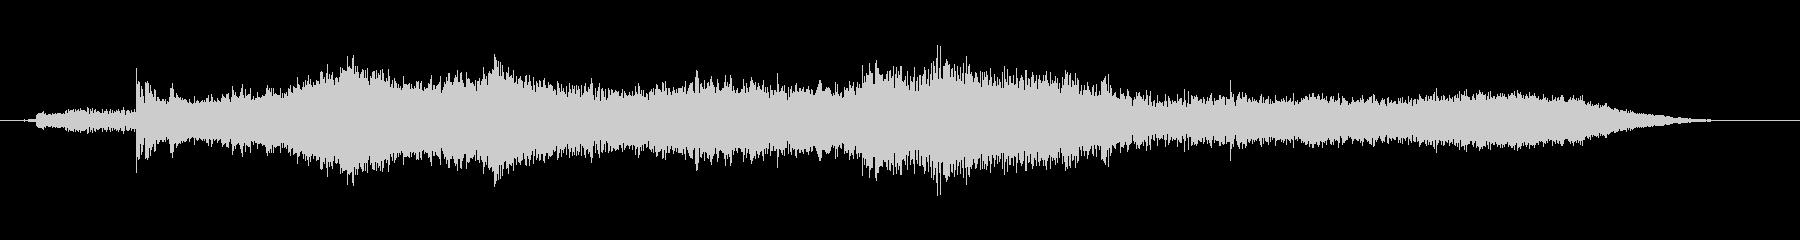 不気味なベルのアイキャッチ音の未再生の波形